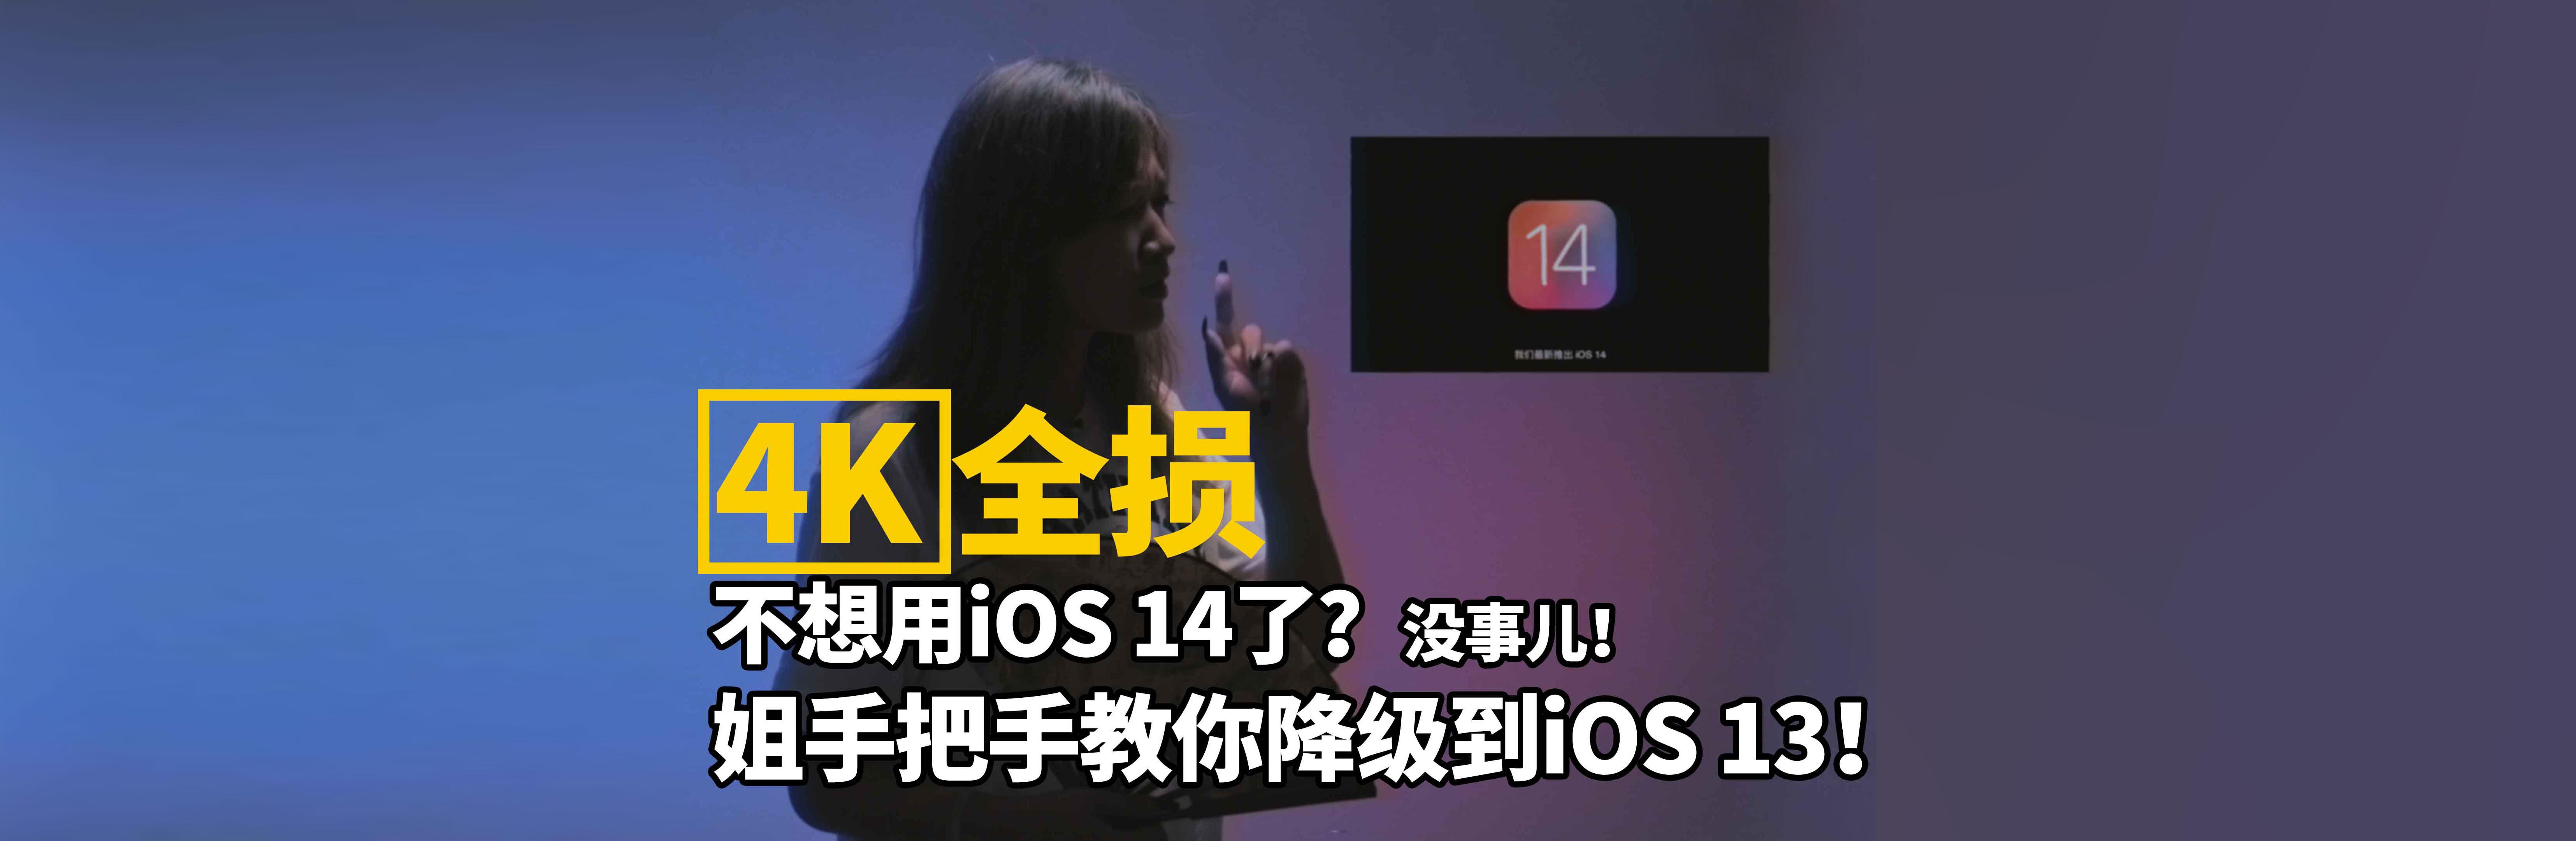 不想用iOS 14了?沒事兒,姐手把手教你降級到iOS 13